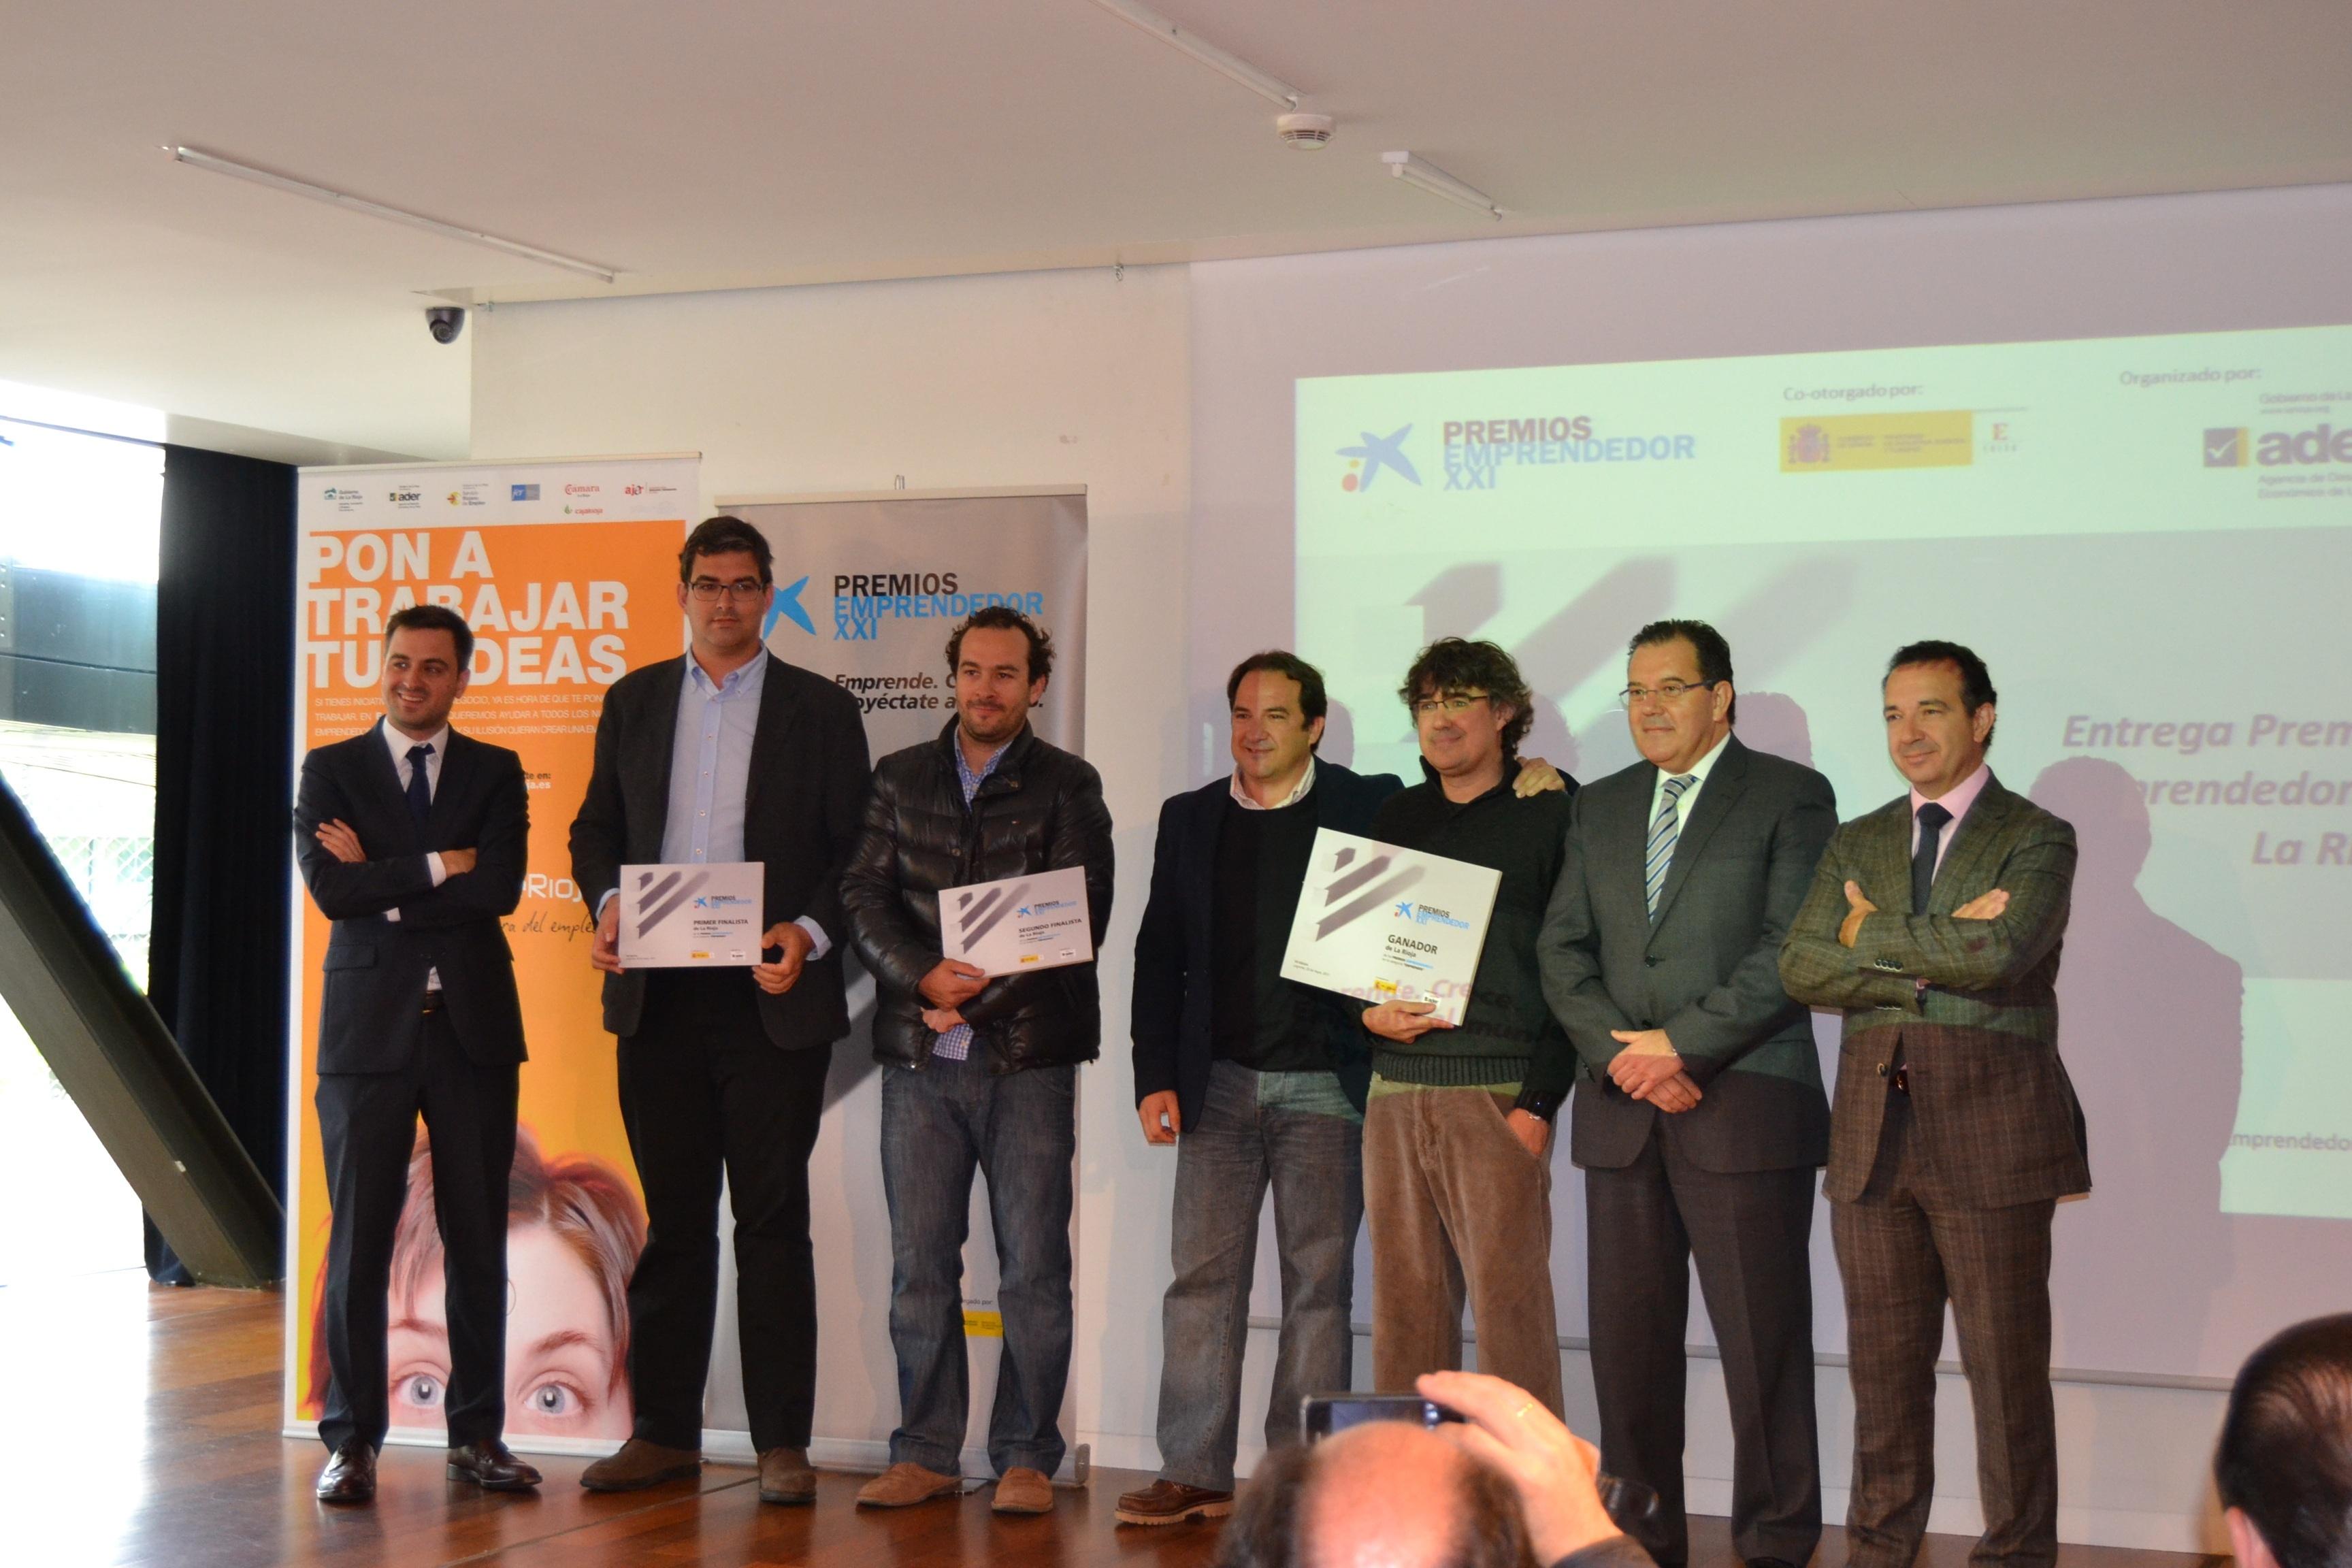 La empresa The Graffter recibe el Premio Emprendedor XXI de La Rioja 2013